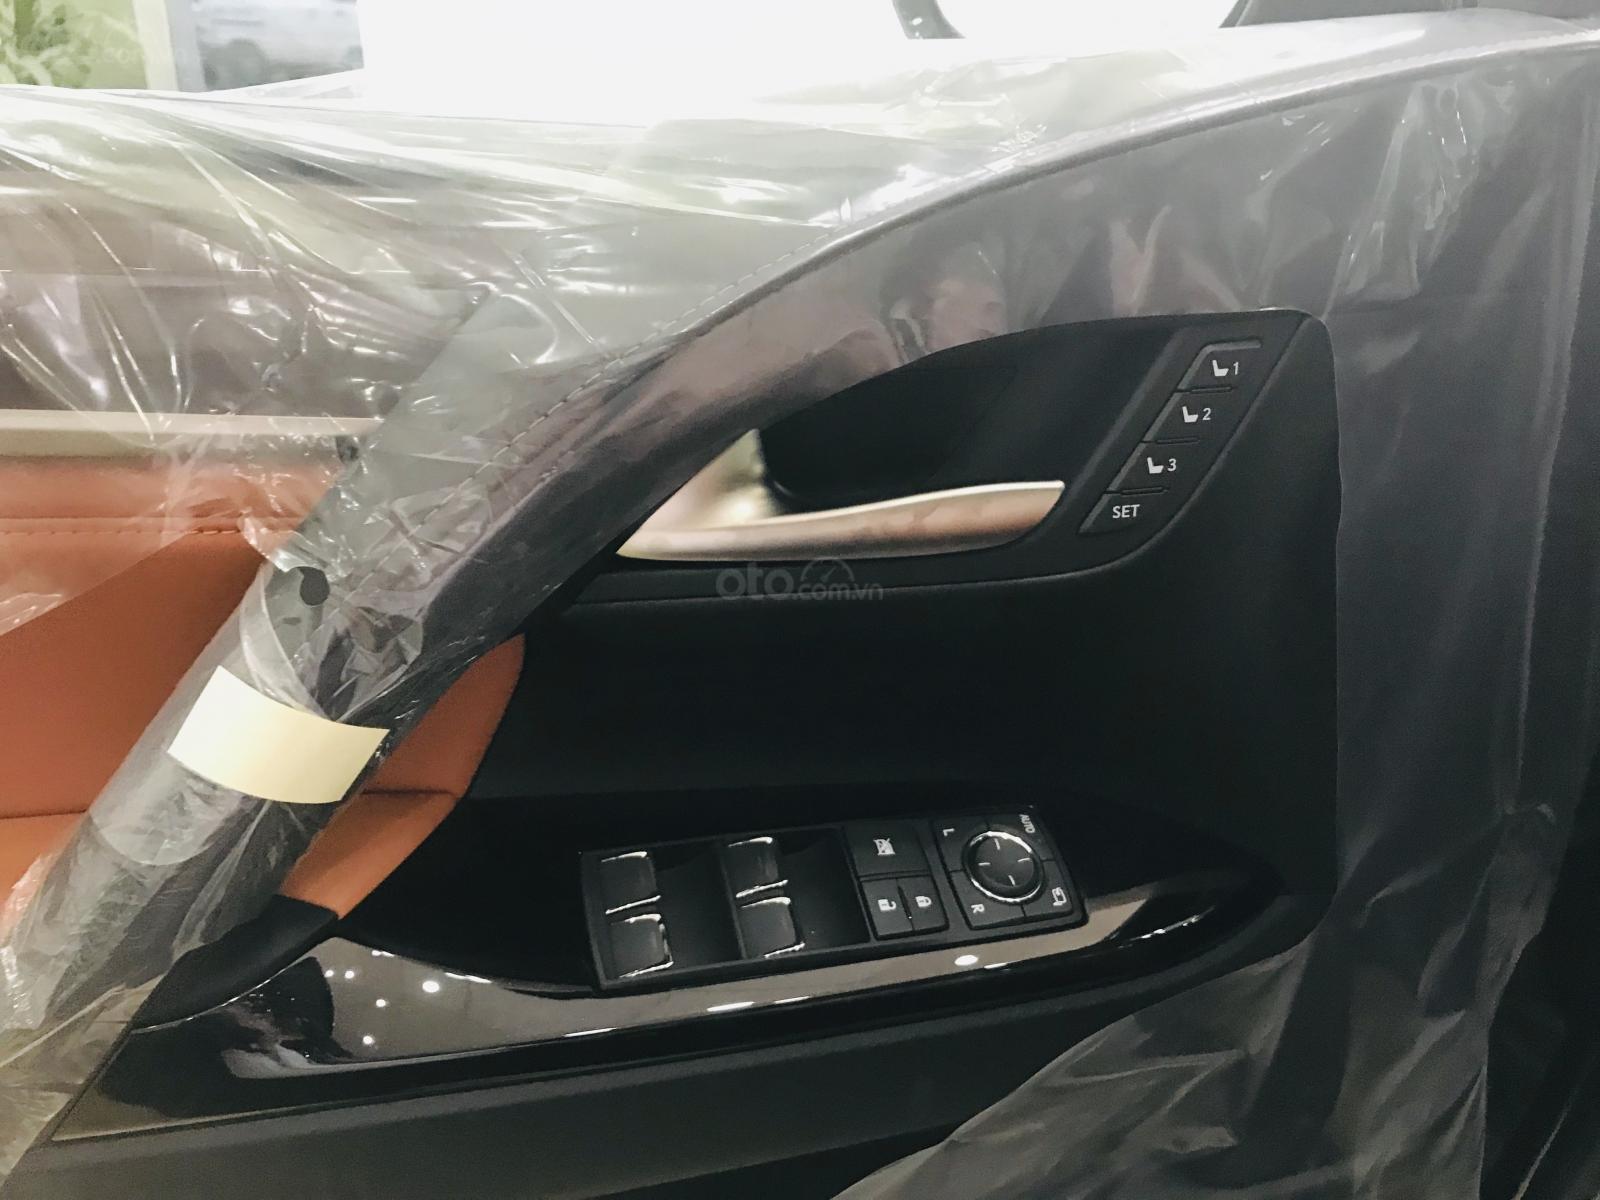 Bán Lexus LX570 Super Sport màu đen, sản xuất 2019, xe giao ngay, giá tốt - LH: 0906223838 (9)